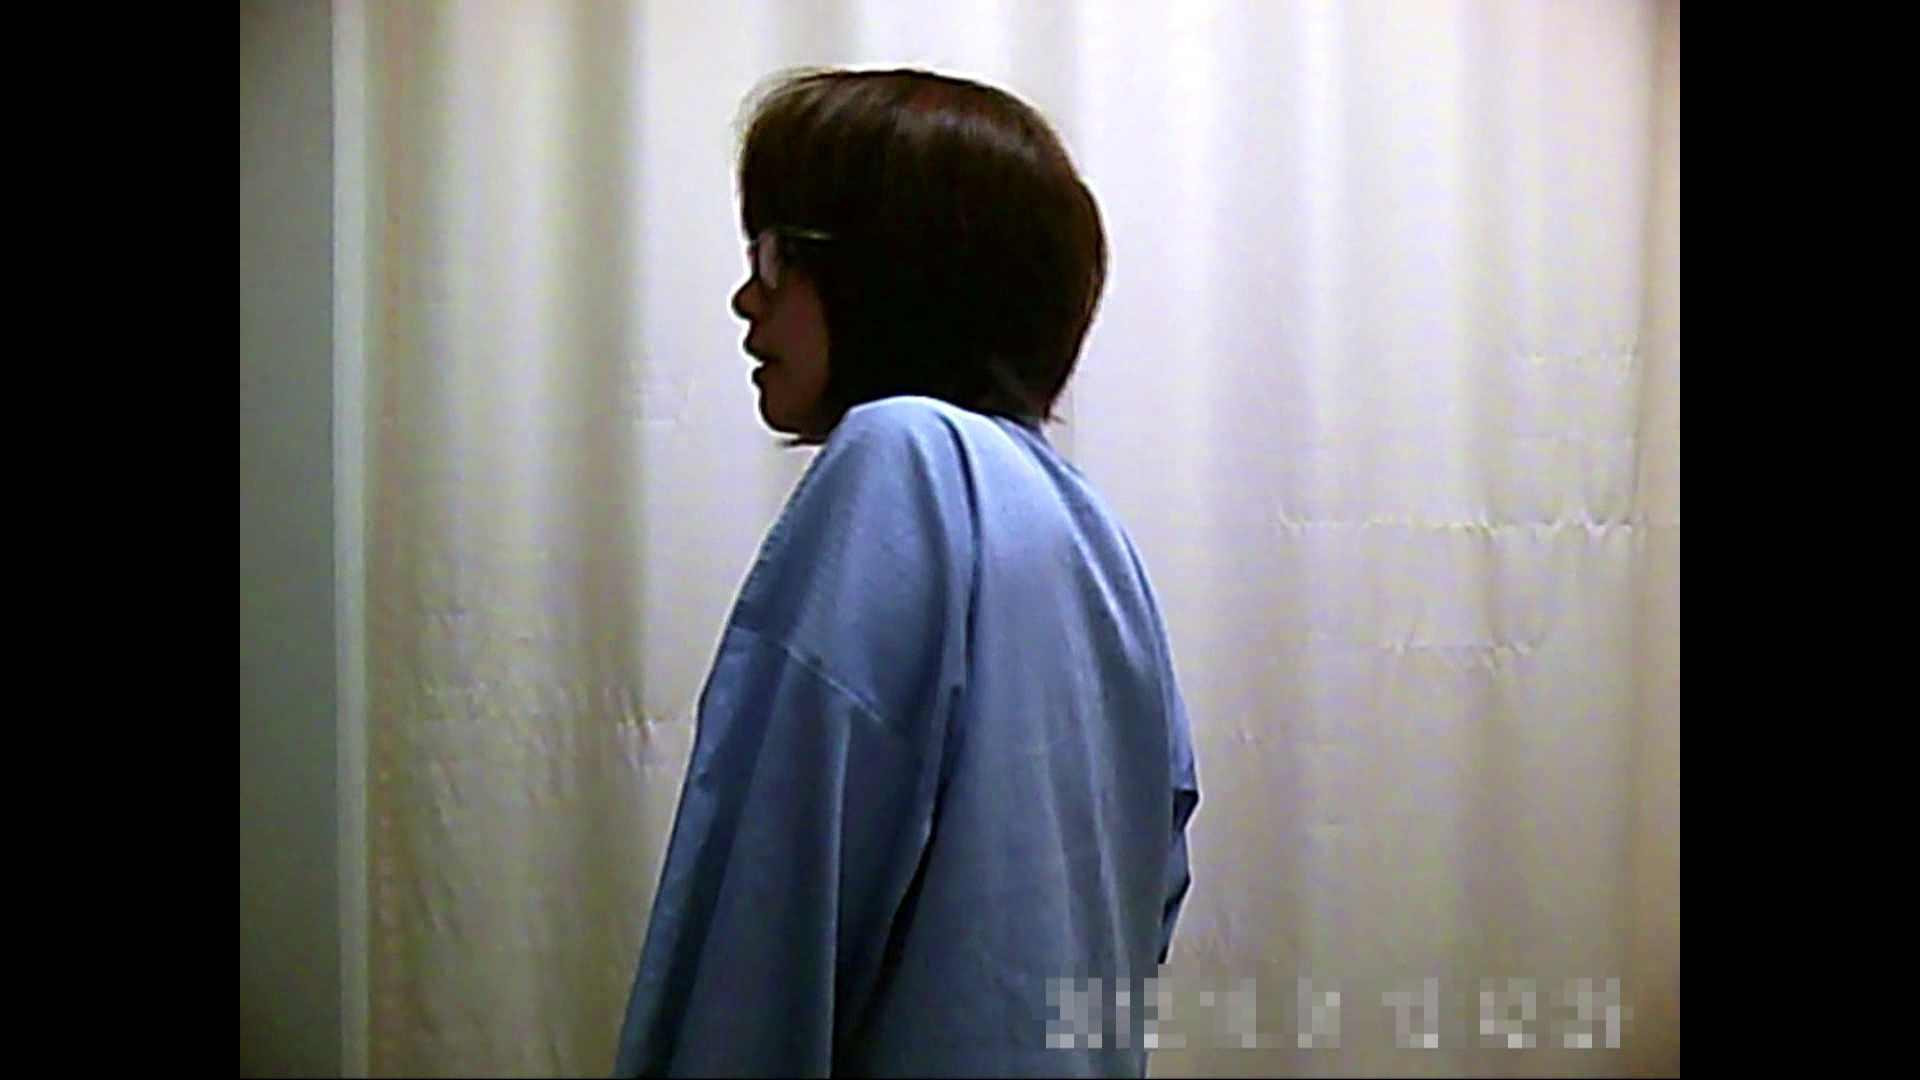 元医者による反抗 更衣室地獄絵巻 vol.070 エッチなお姉さん  19画像 9